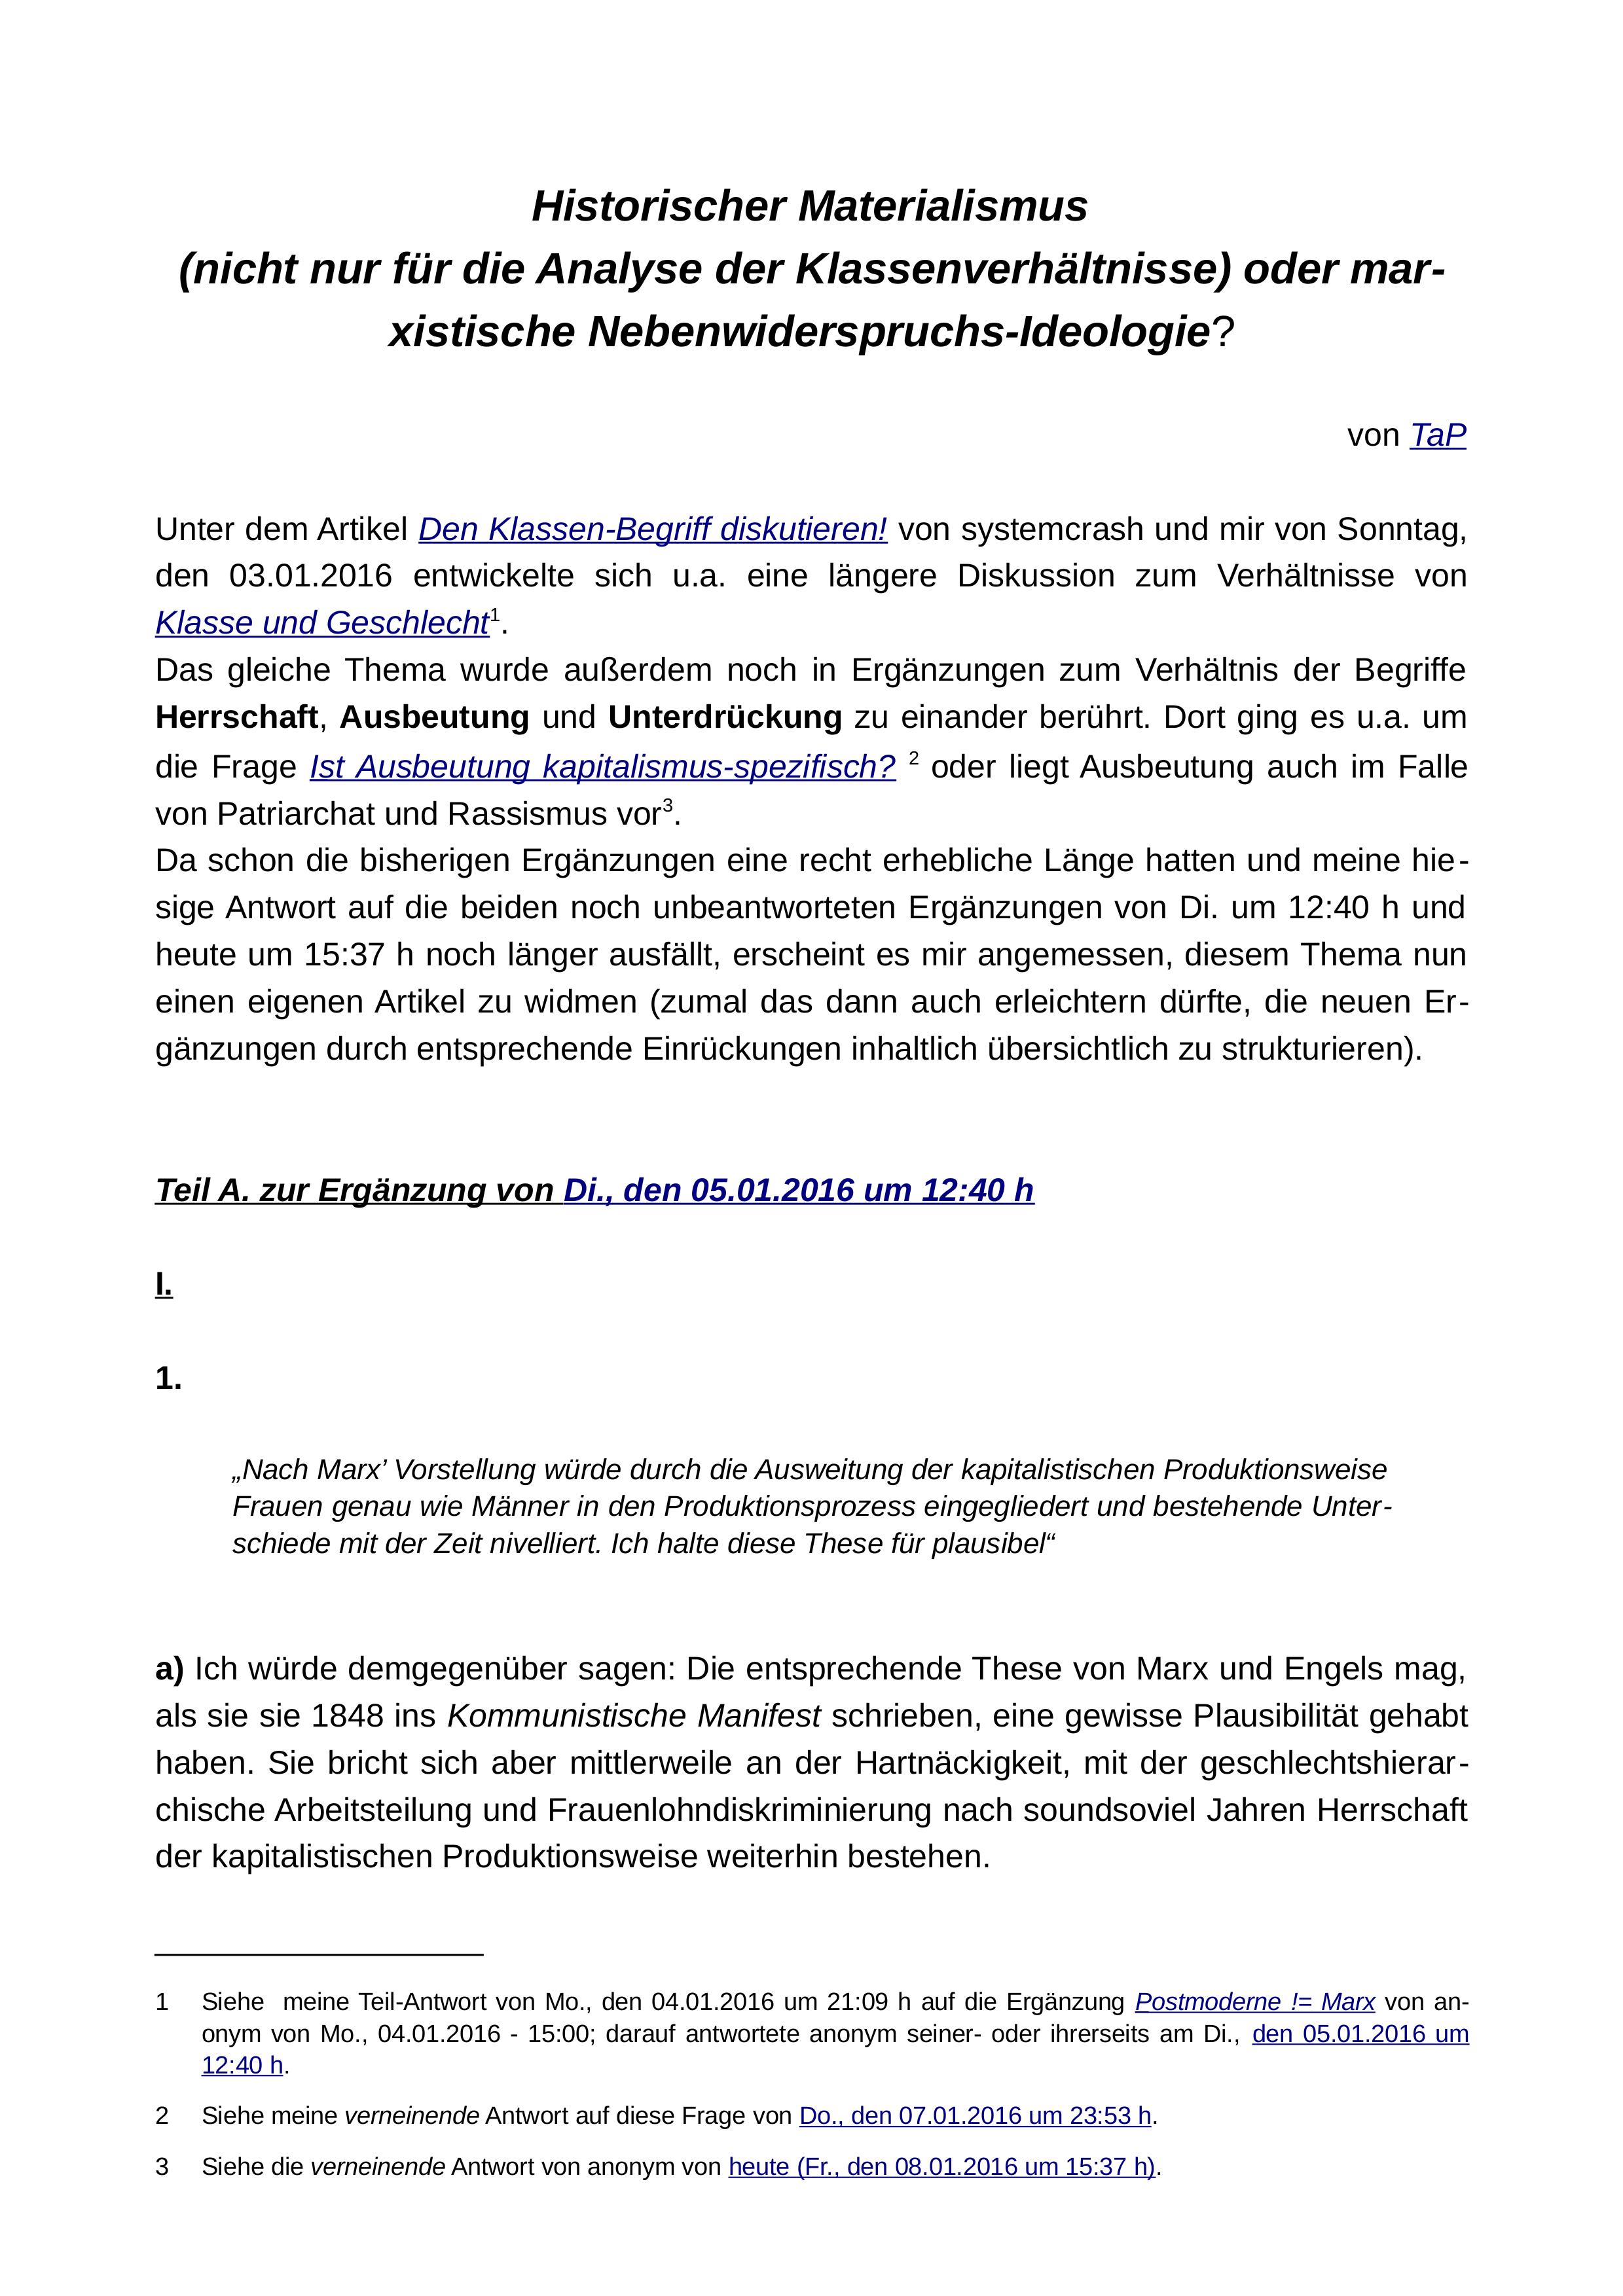 S. 1 des NWsp-Papiers als Bild - mit Link zur .pdf-Version des linksunten.indymedia-Artikels